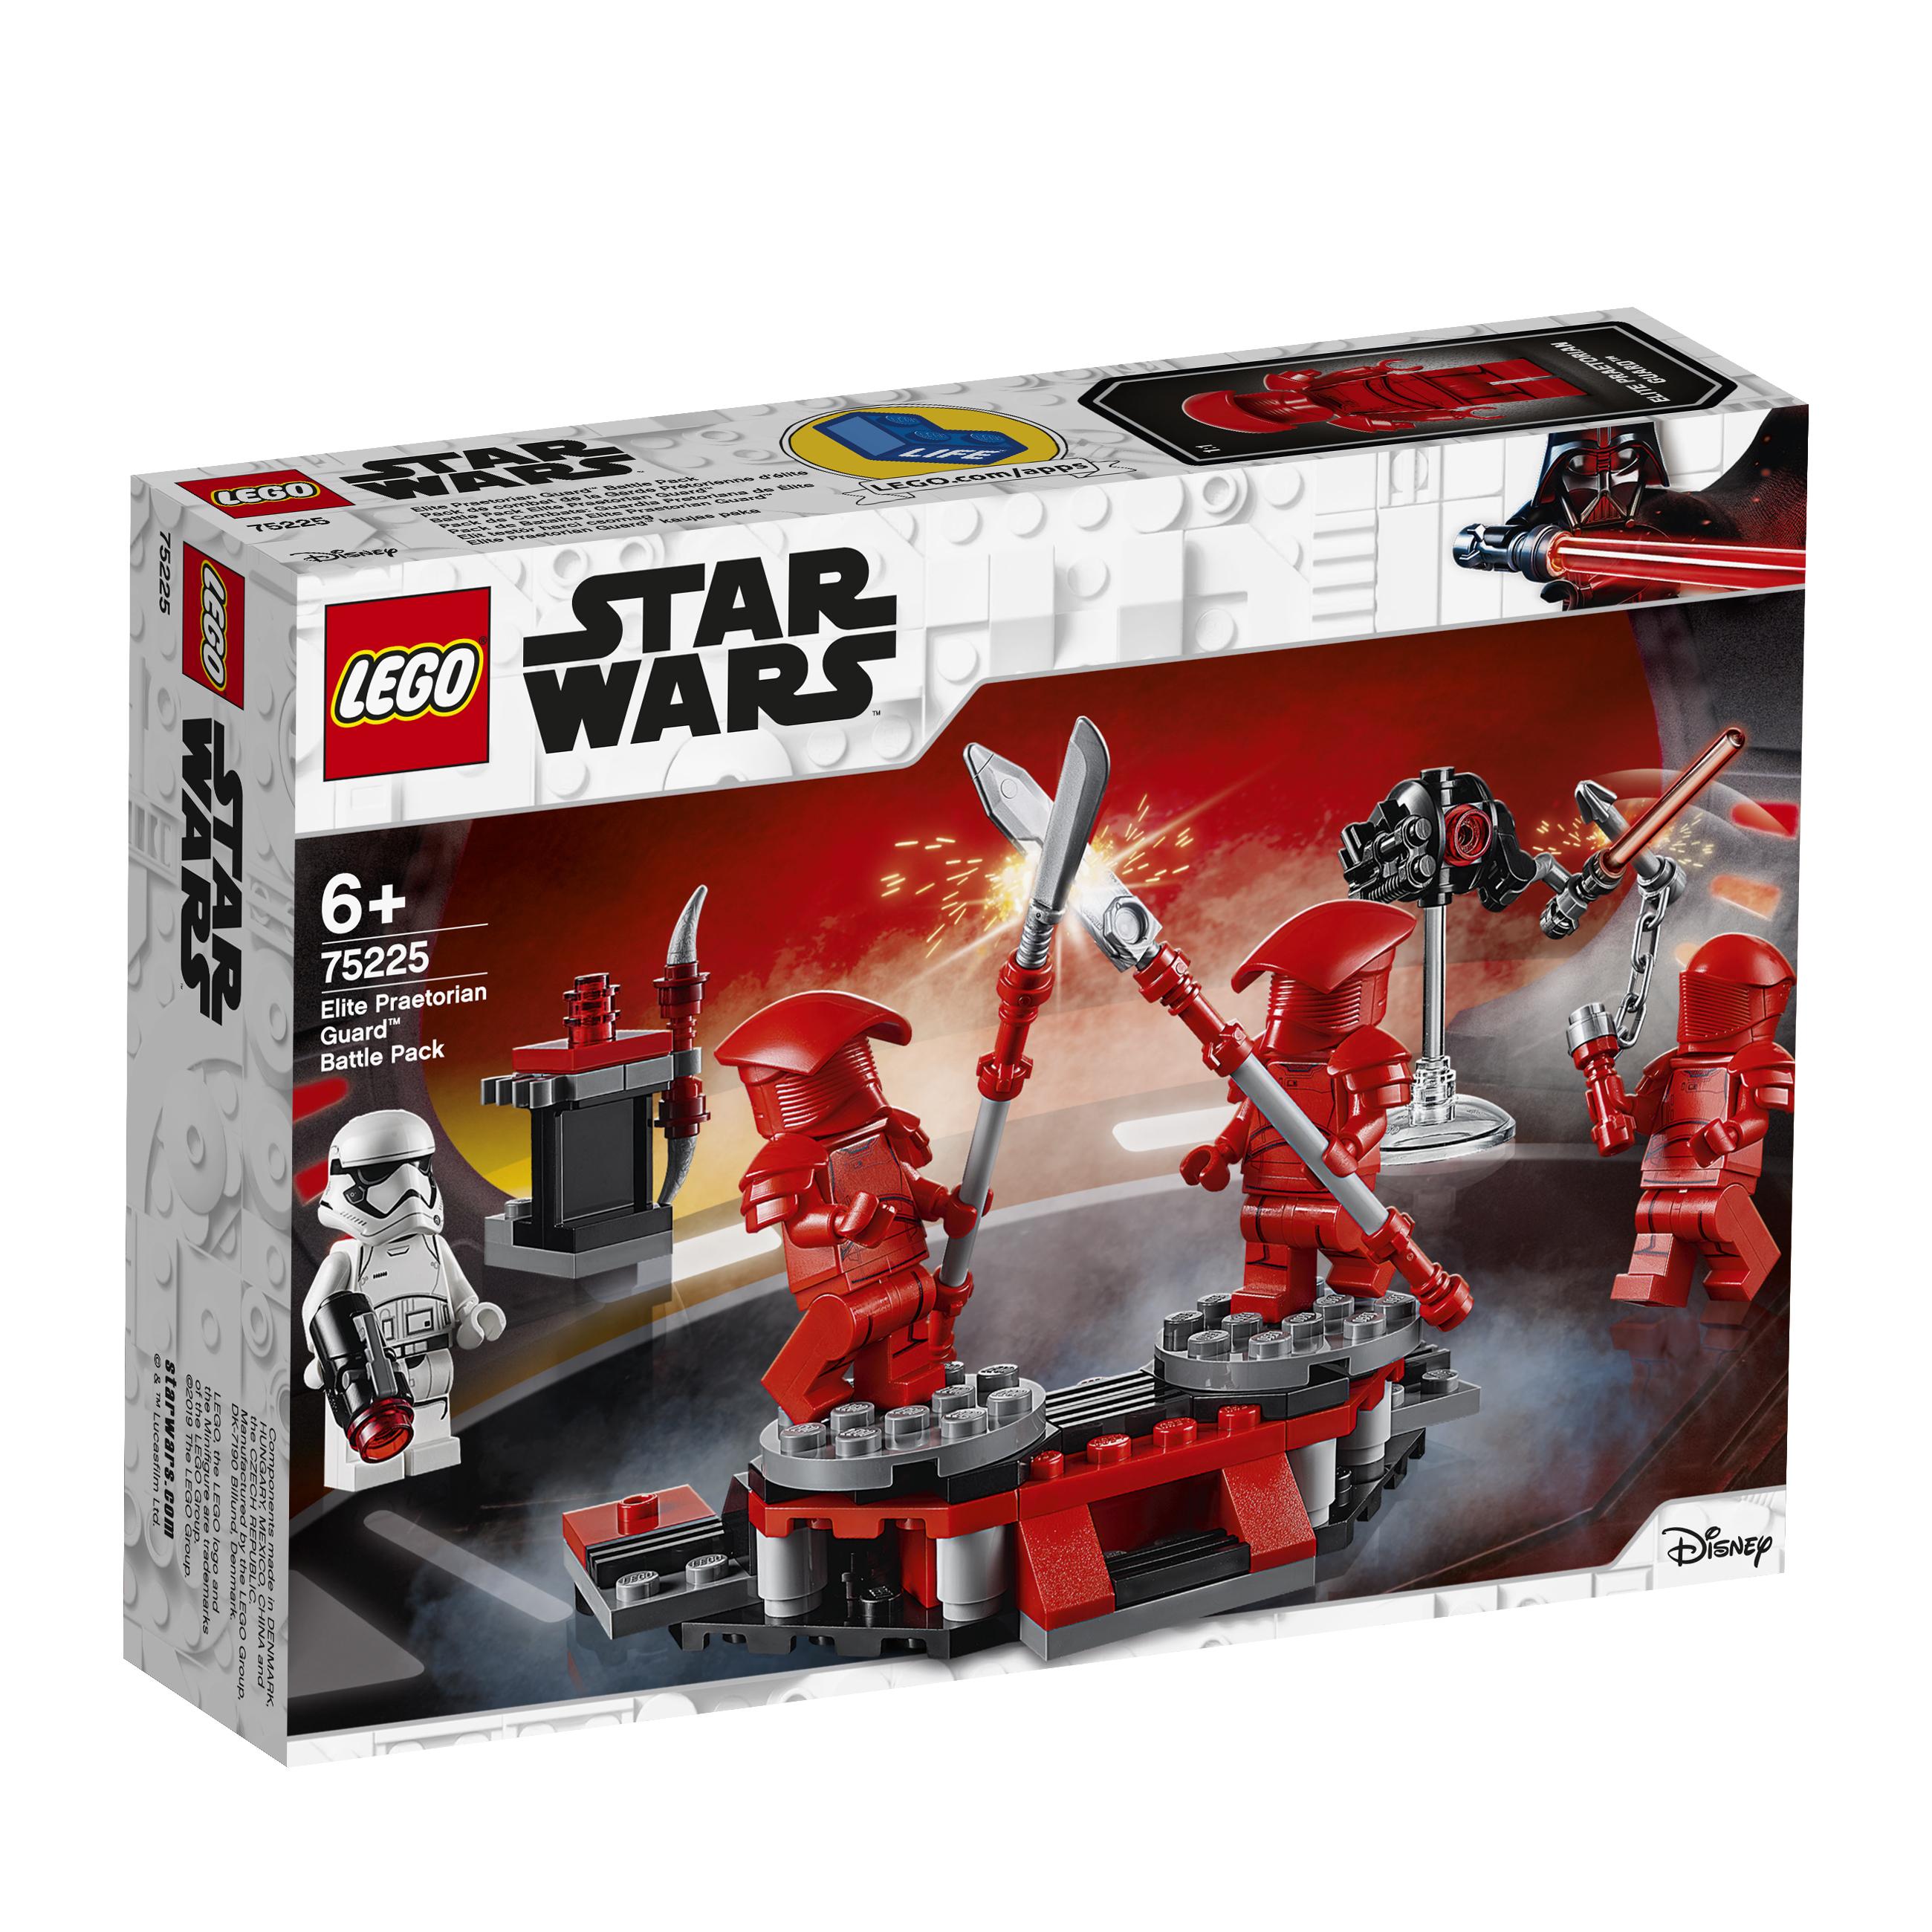 Конструктор LEGO Star Wars 75225 Боевой набор Элитной преторианской гвардии конструктор lego star wars 75132 боевой набор первого ордена